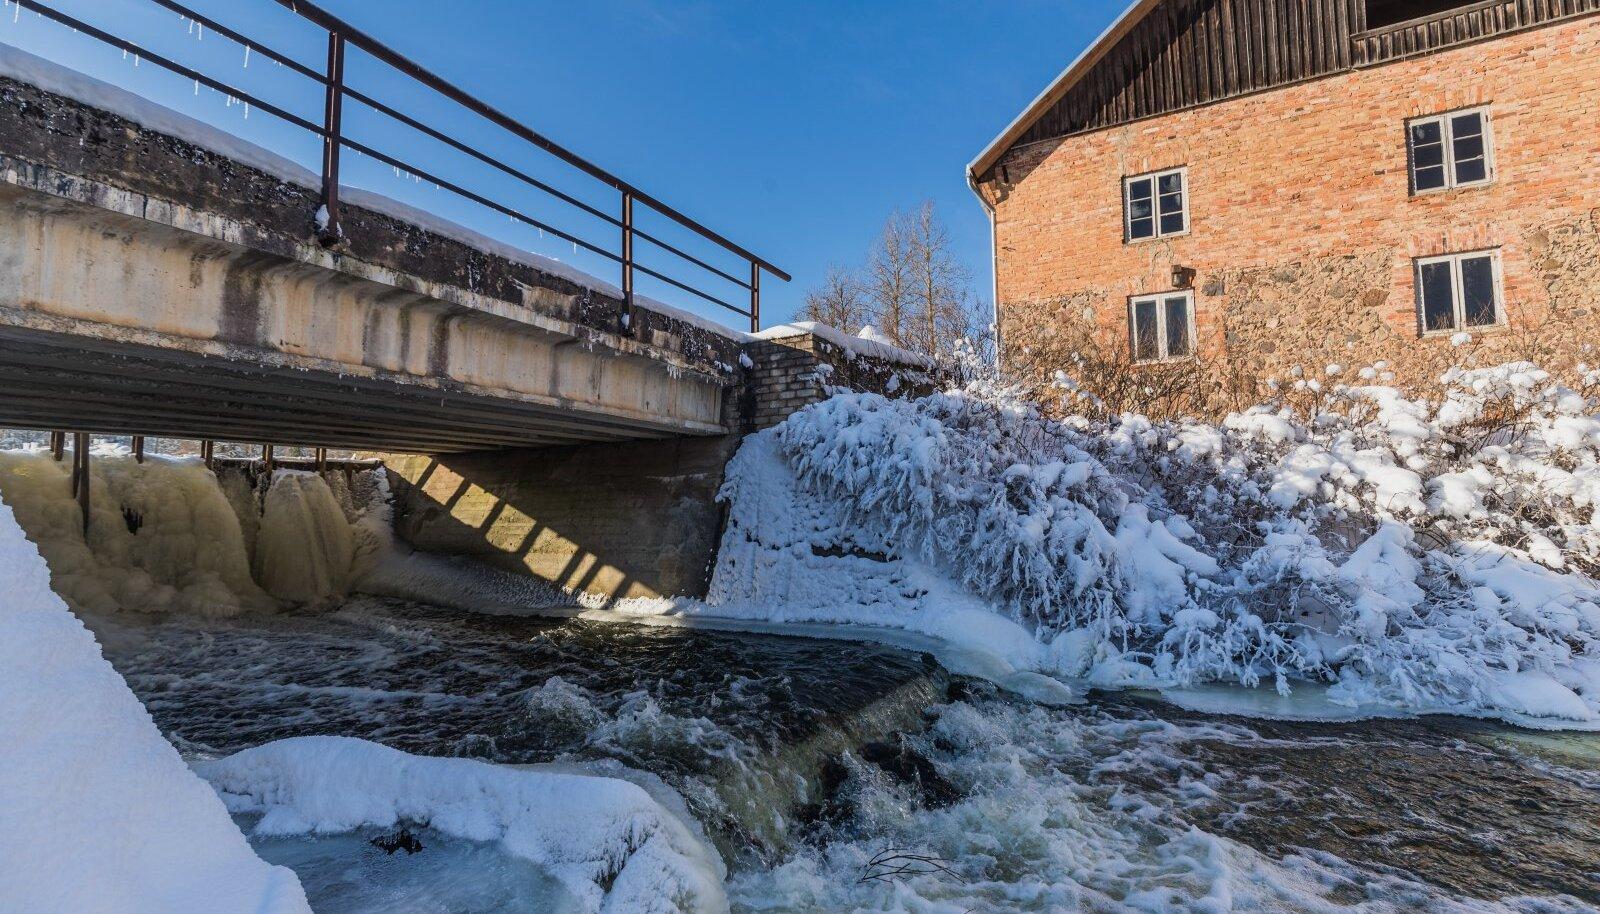 Muinsuskaitseamet on Hellenurme veski ja paisu kui terviklikult säilinud kompleksi hinnanud säilitamist väärivaks ajaloomälestiseks. Omanik peab selles Eesti viimases töötavas vesiveskis ka muuseumi. Aga kalad veski paisust üle ei pääse...